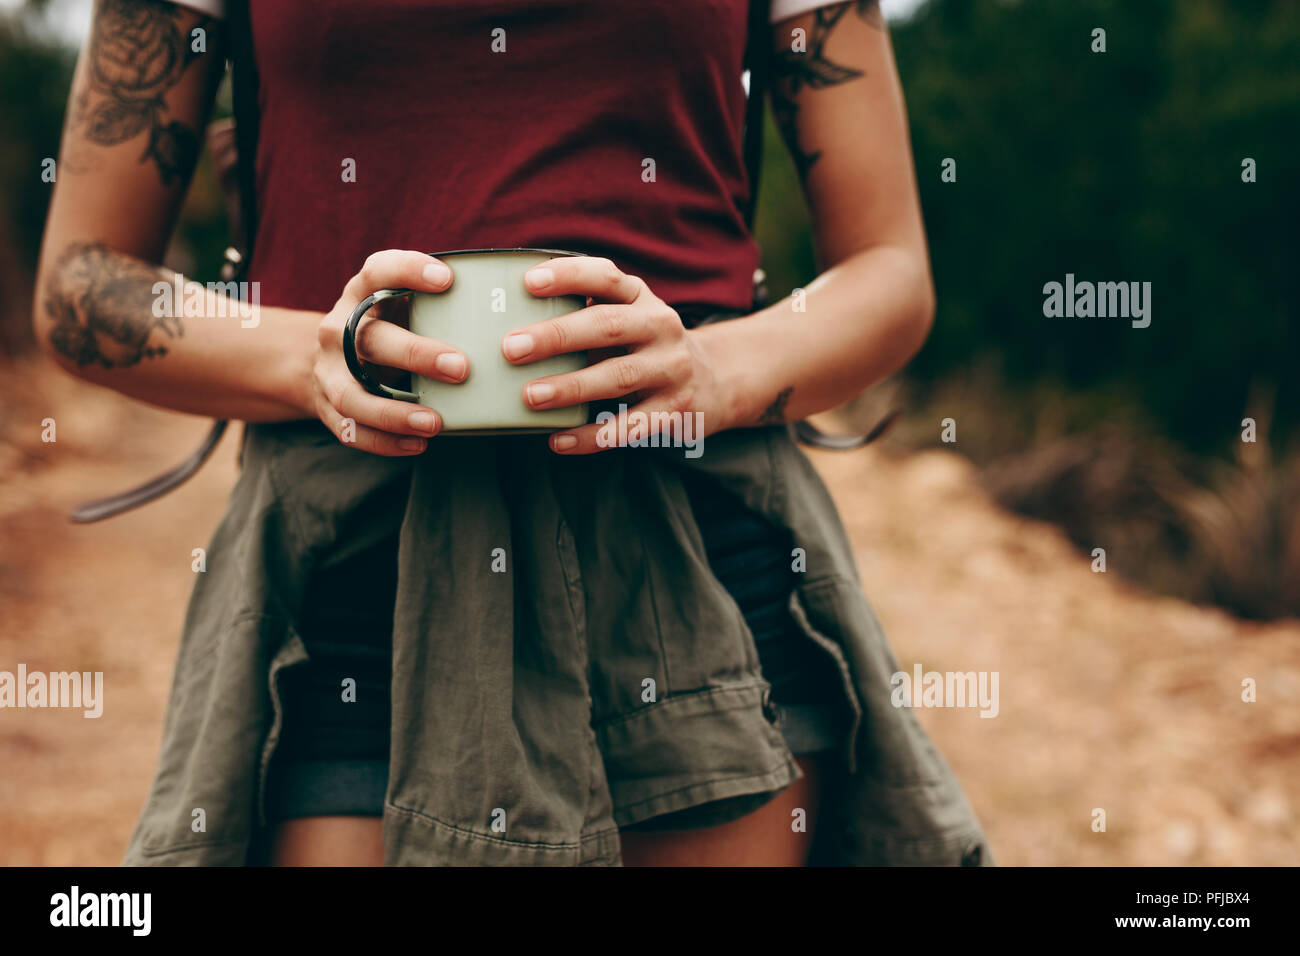 Close up of mid section d'un voyageur woman holding tasse à café avec les deux mains. Maison de vacances sur une femme marche à travers une forêt. Photo Stock